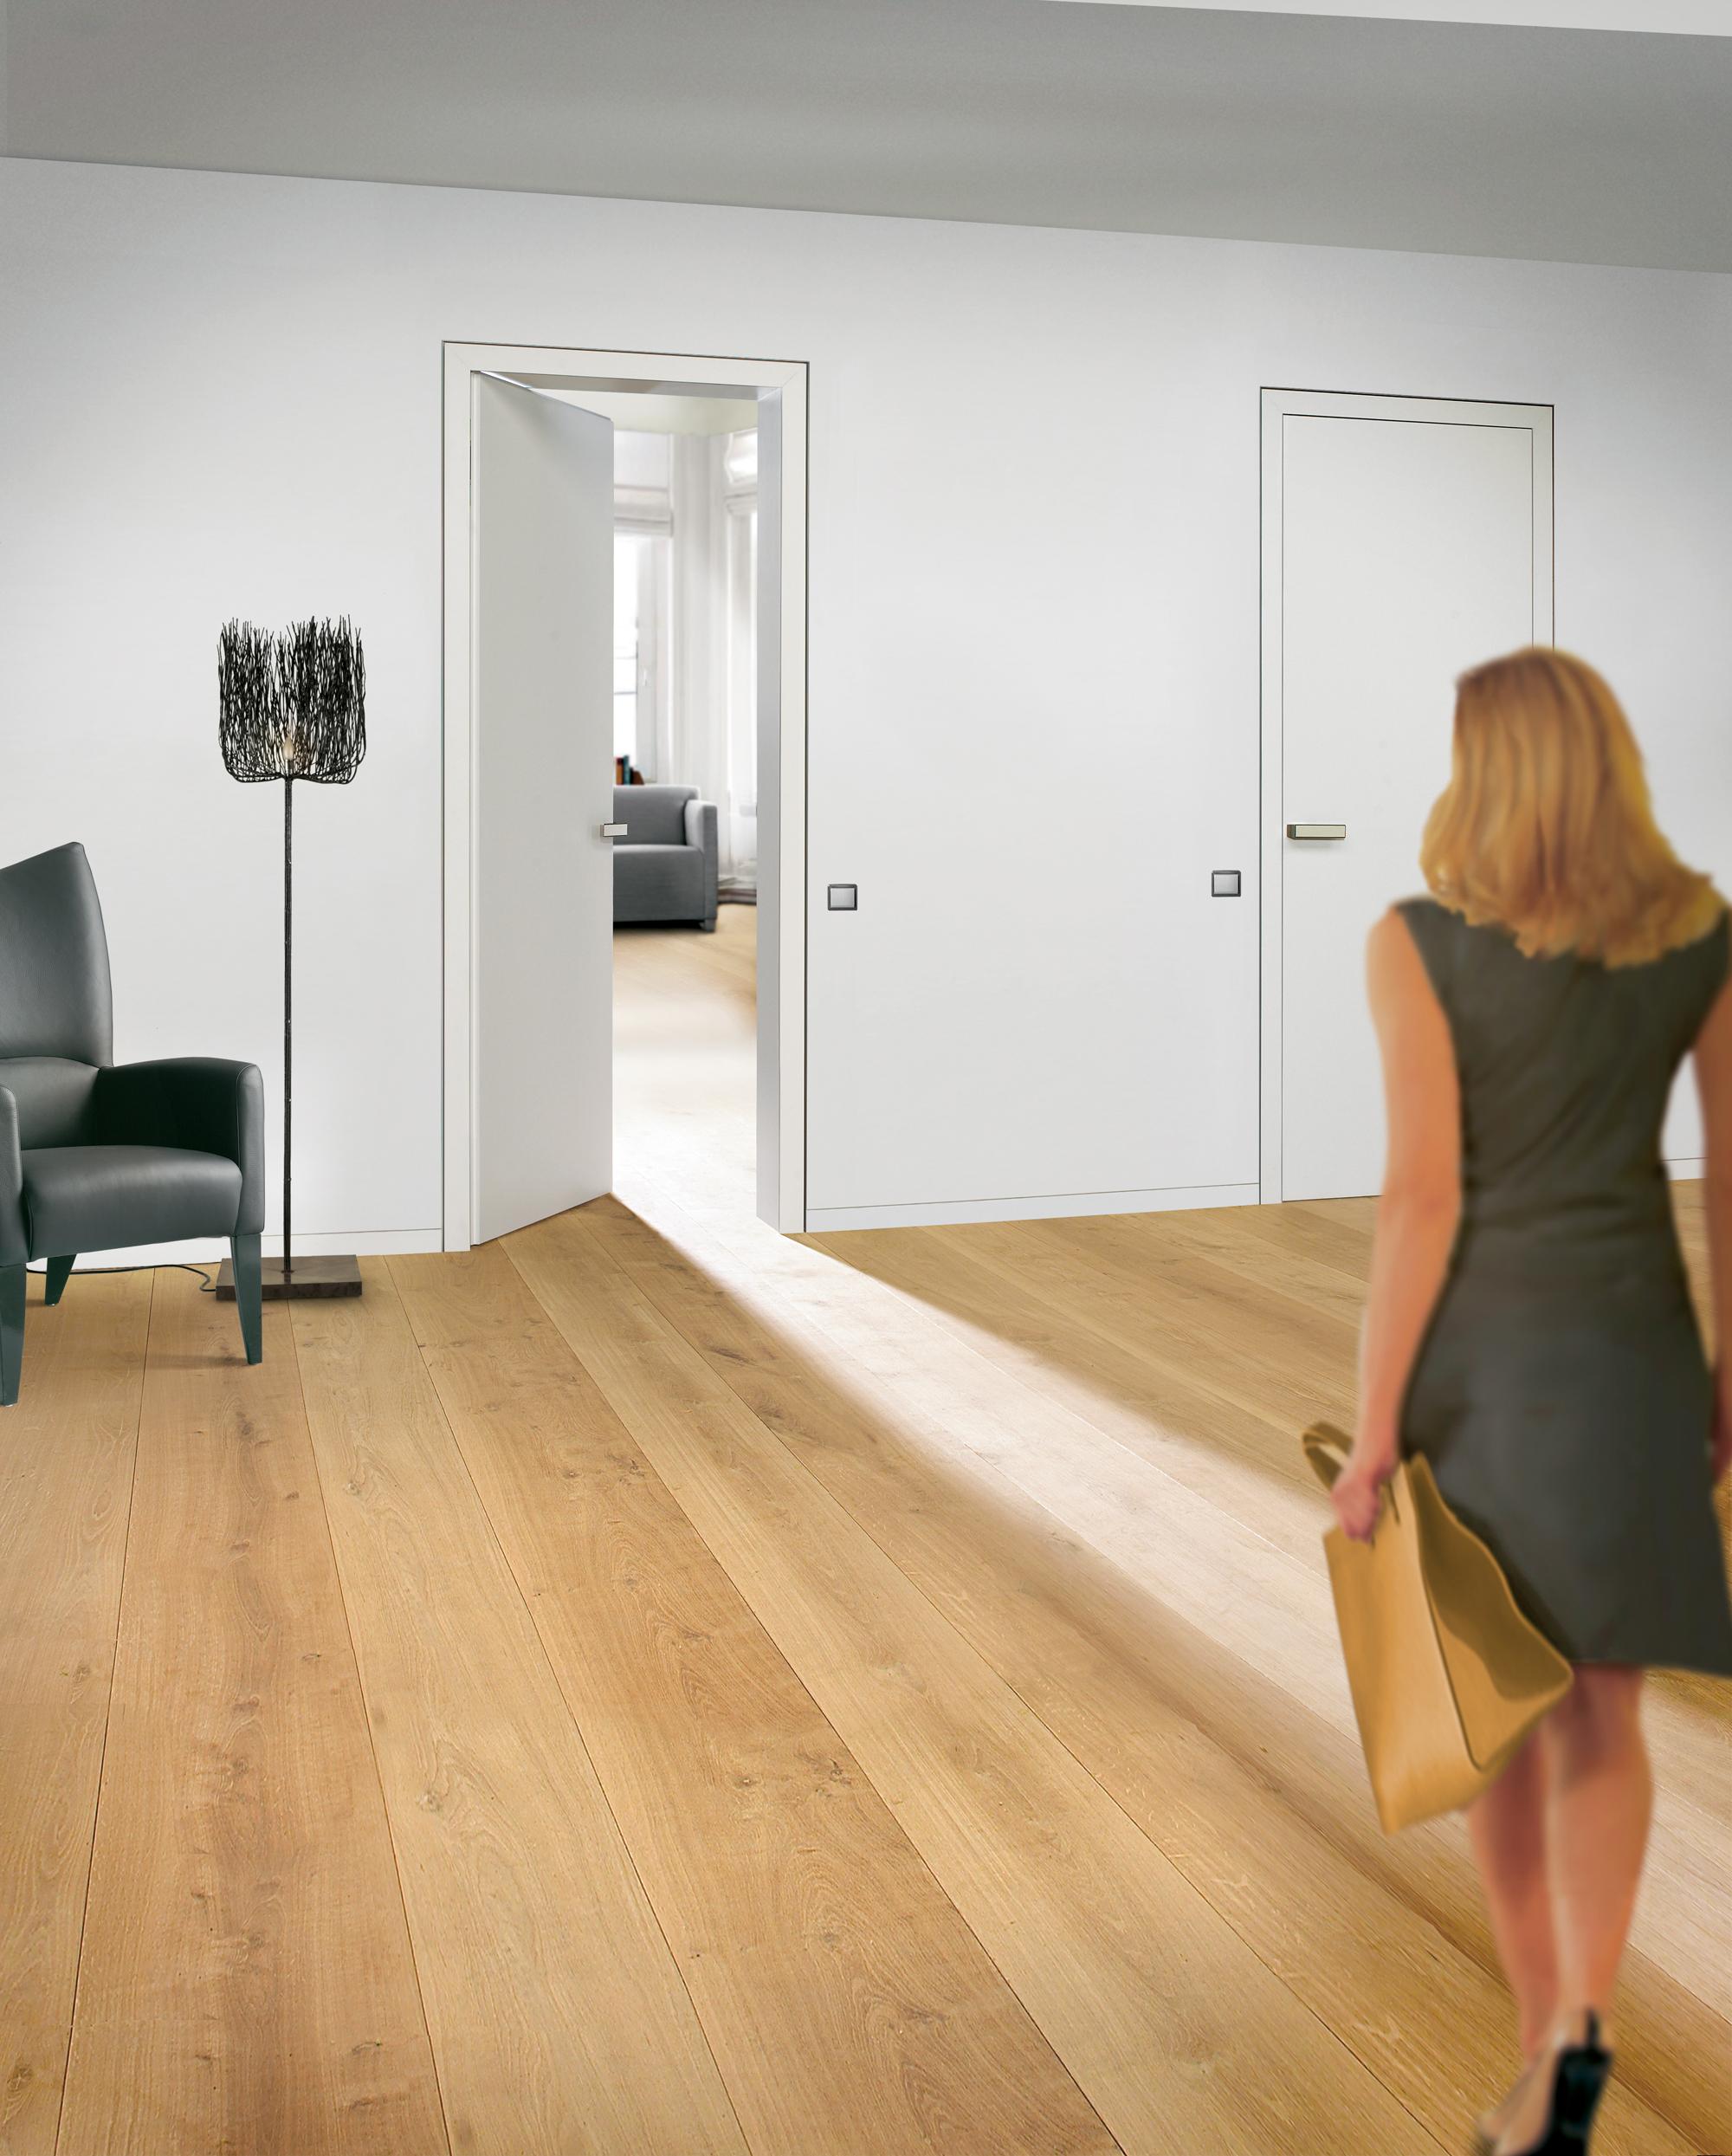 öffnungsrichtung Tür ändern